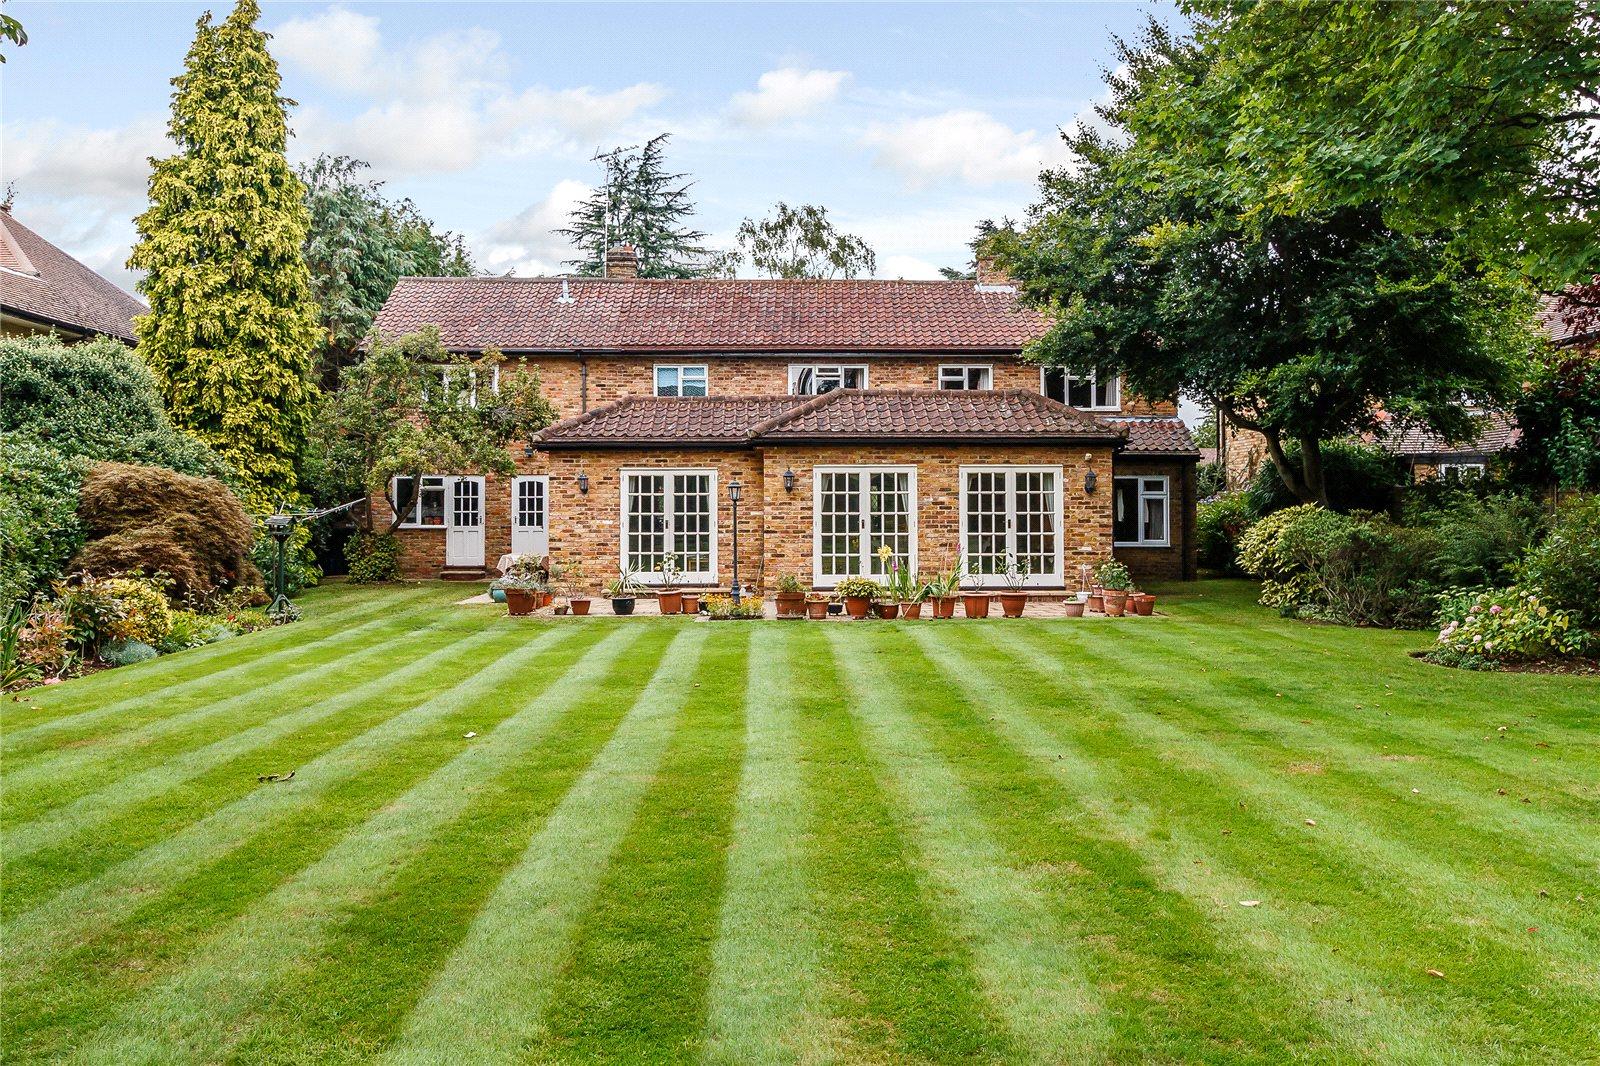 一戸建て のために 売買 アット Camp Road, Gerrards Cross, Buckinghamshire, SL9 Gerrards Cross, イギリス